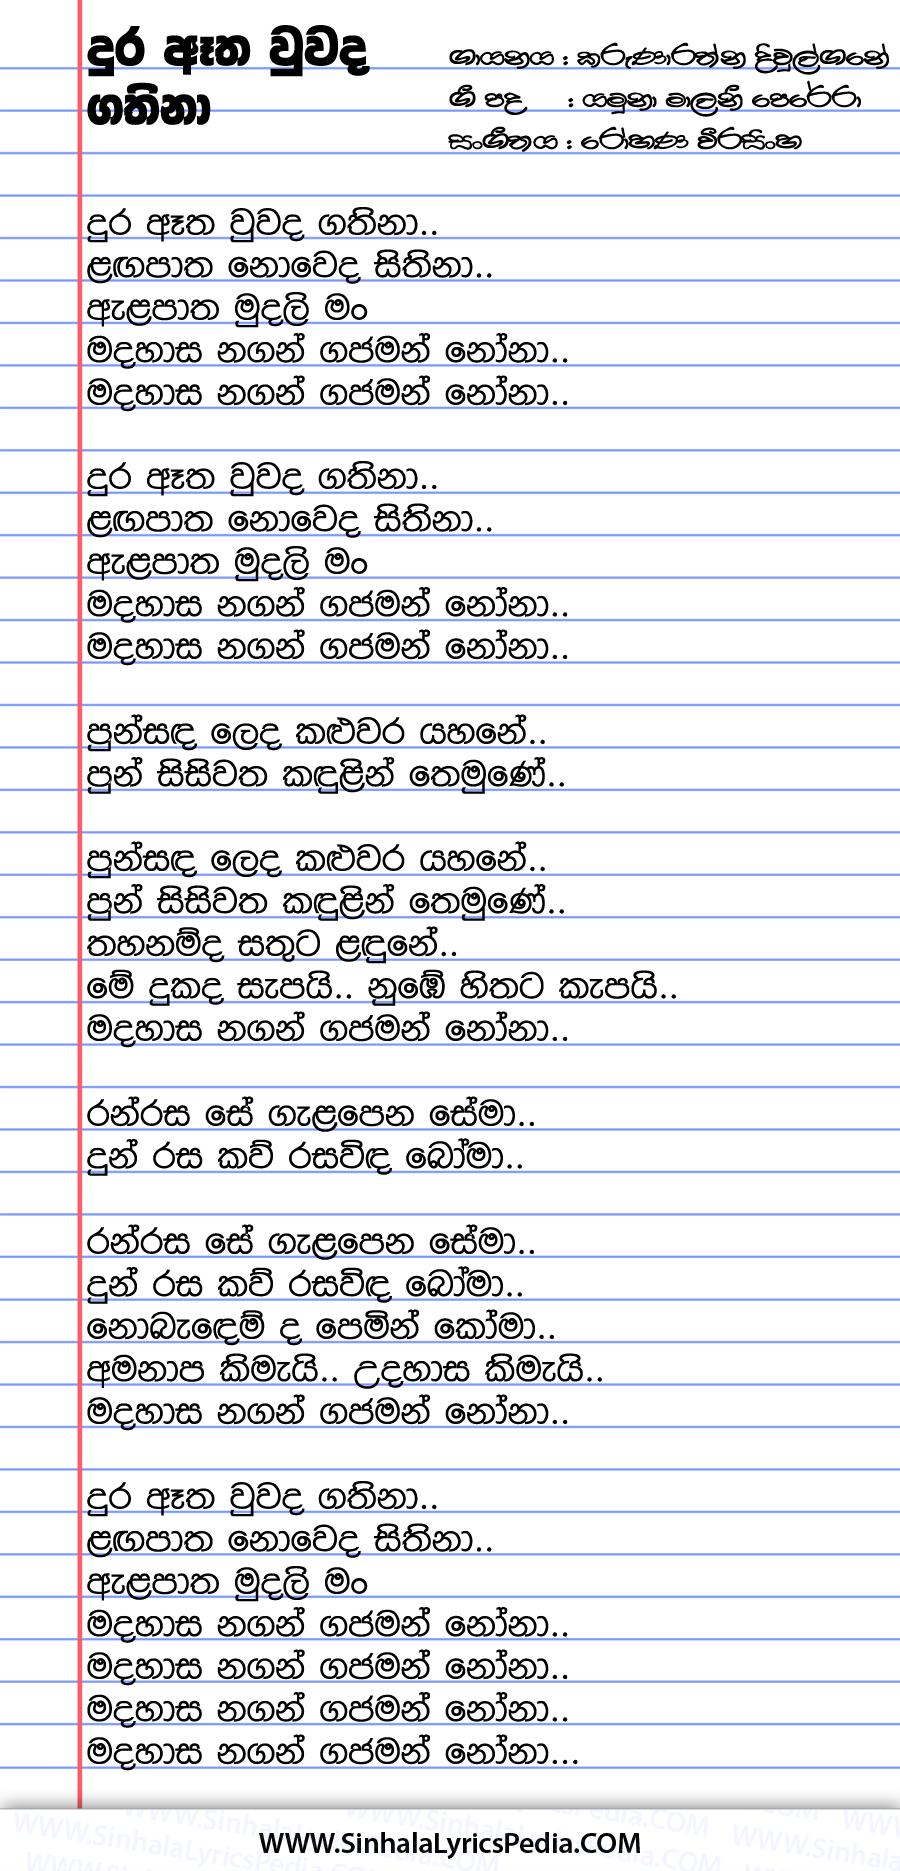 Dura Atha Uwada Dakina Laga Patha Noweda Sitina Song Lyrics